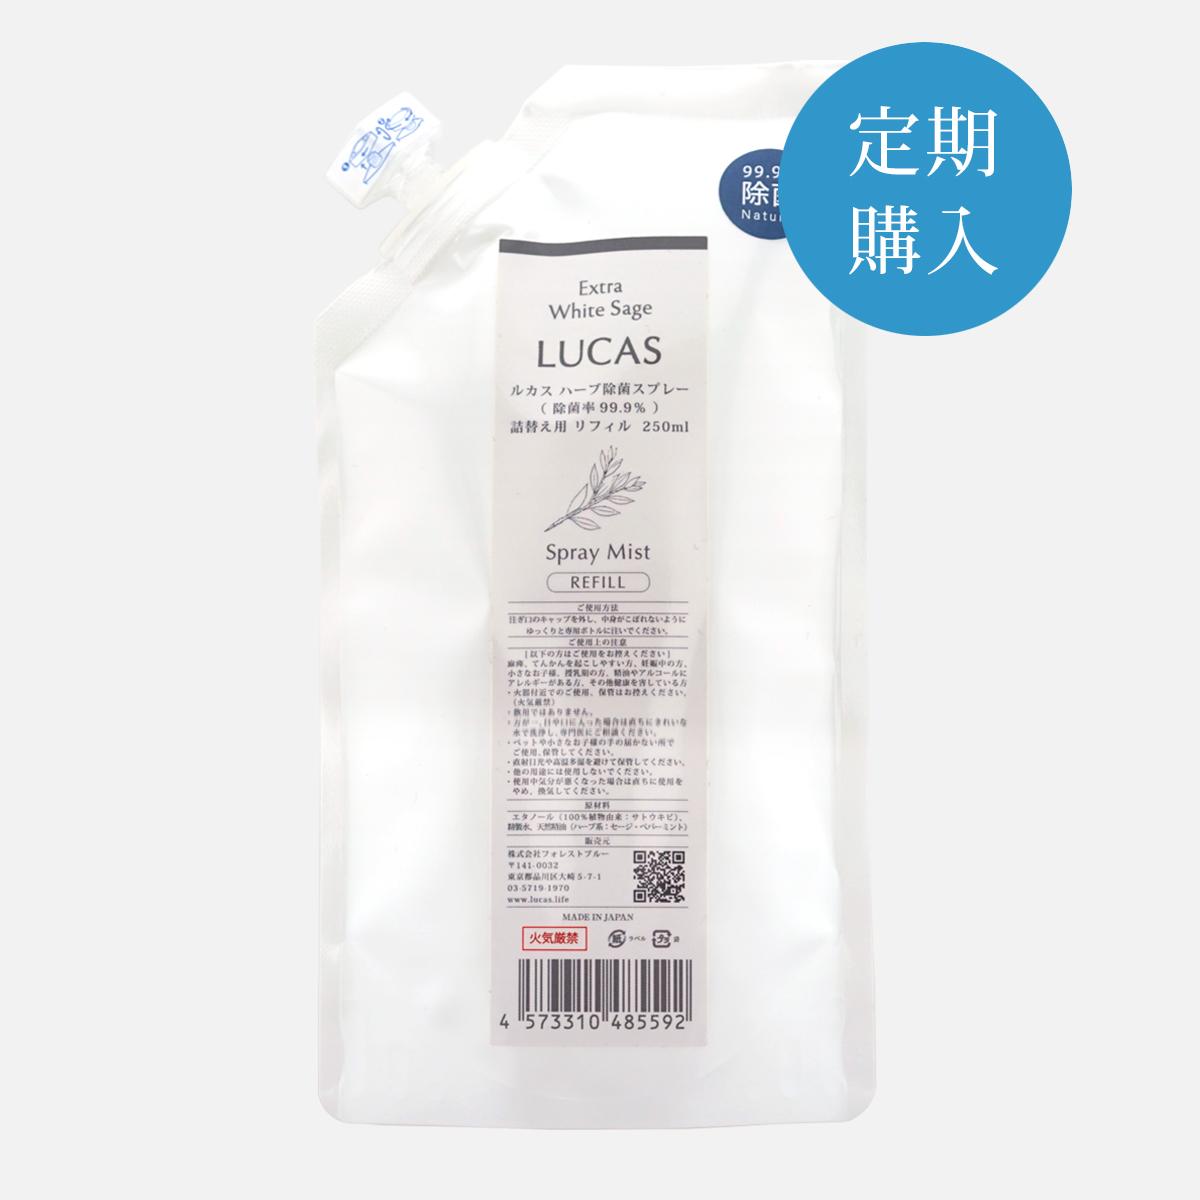 【定期お届けコース】除菌スプレー LUCAS  リフレッシュハーブの香り (100%天然成分 & 99.9%除菌) 詰替リフィル 250ml